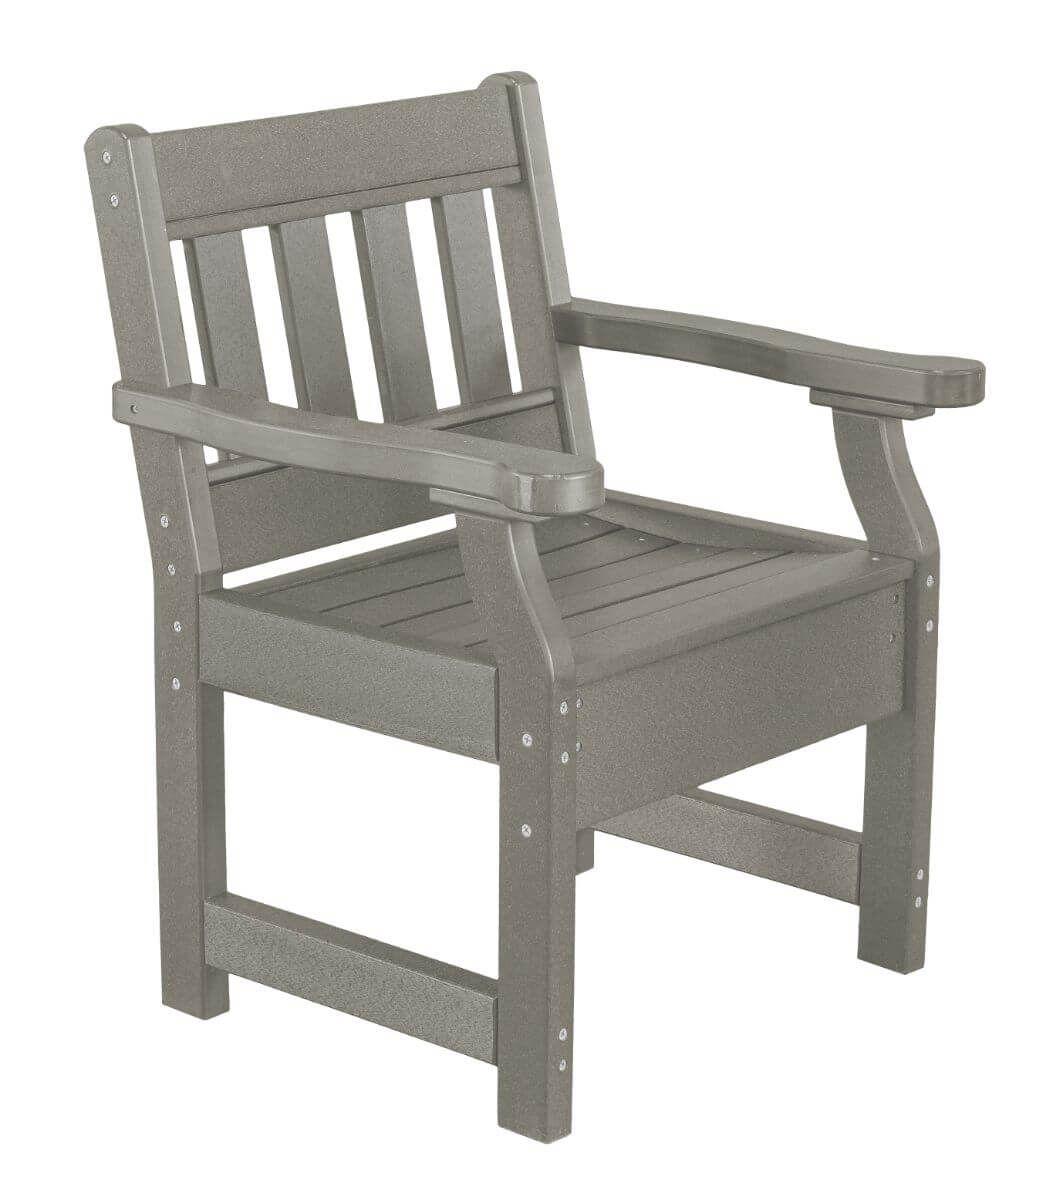 Light Gray Aden Patio Chair